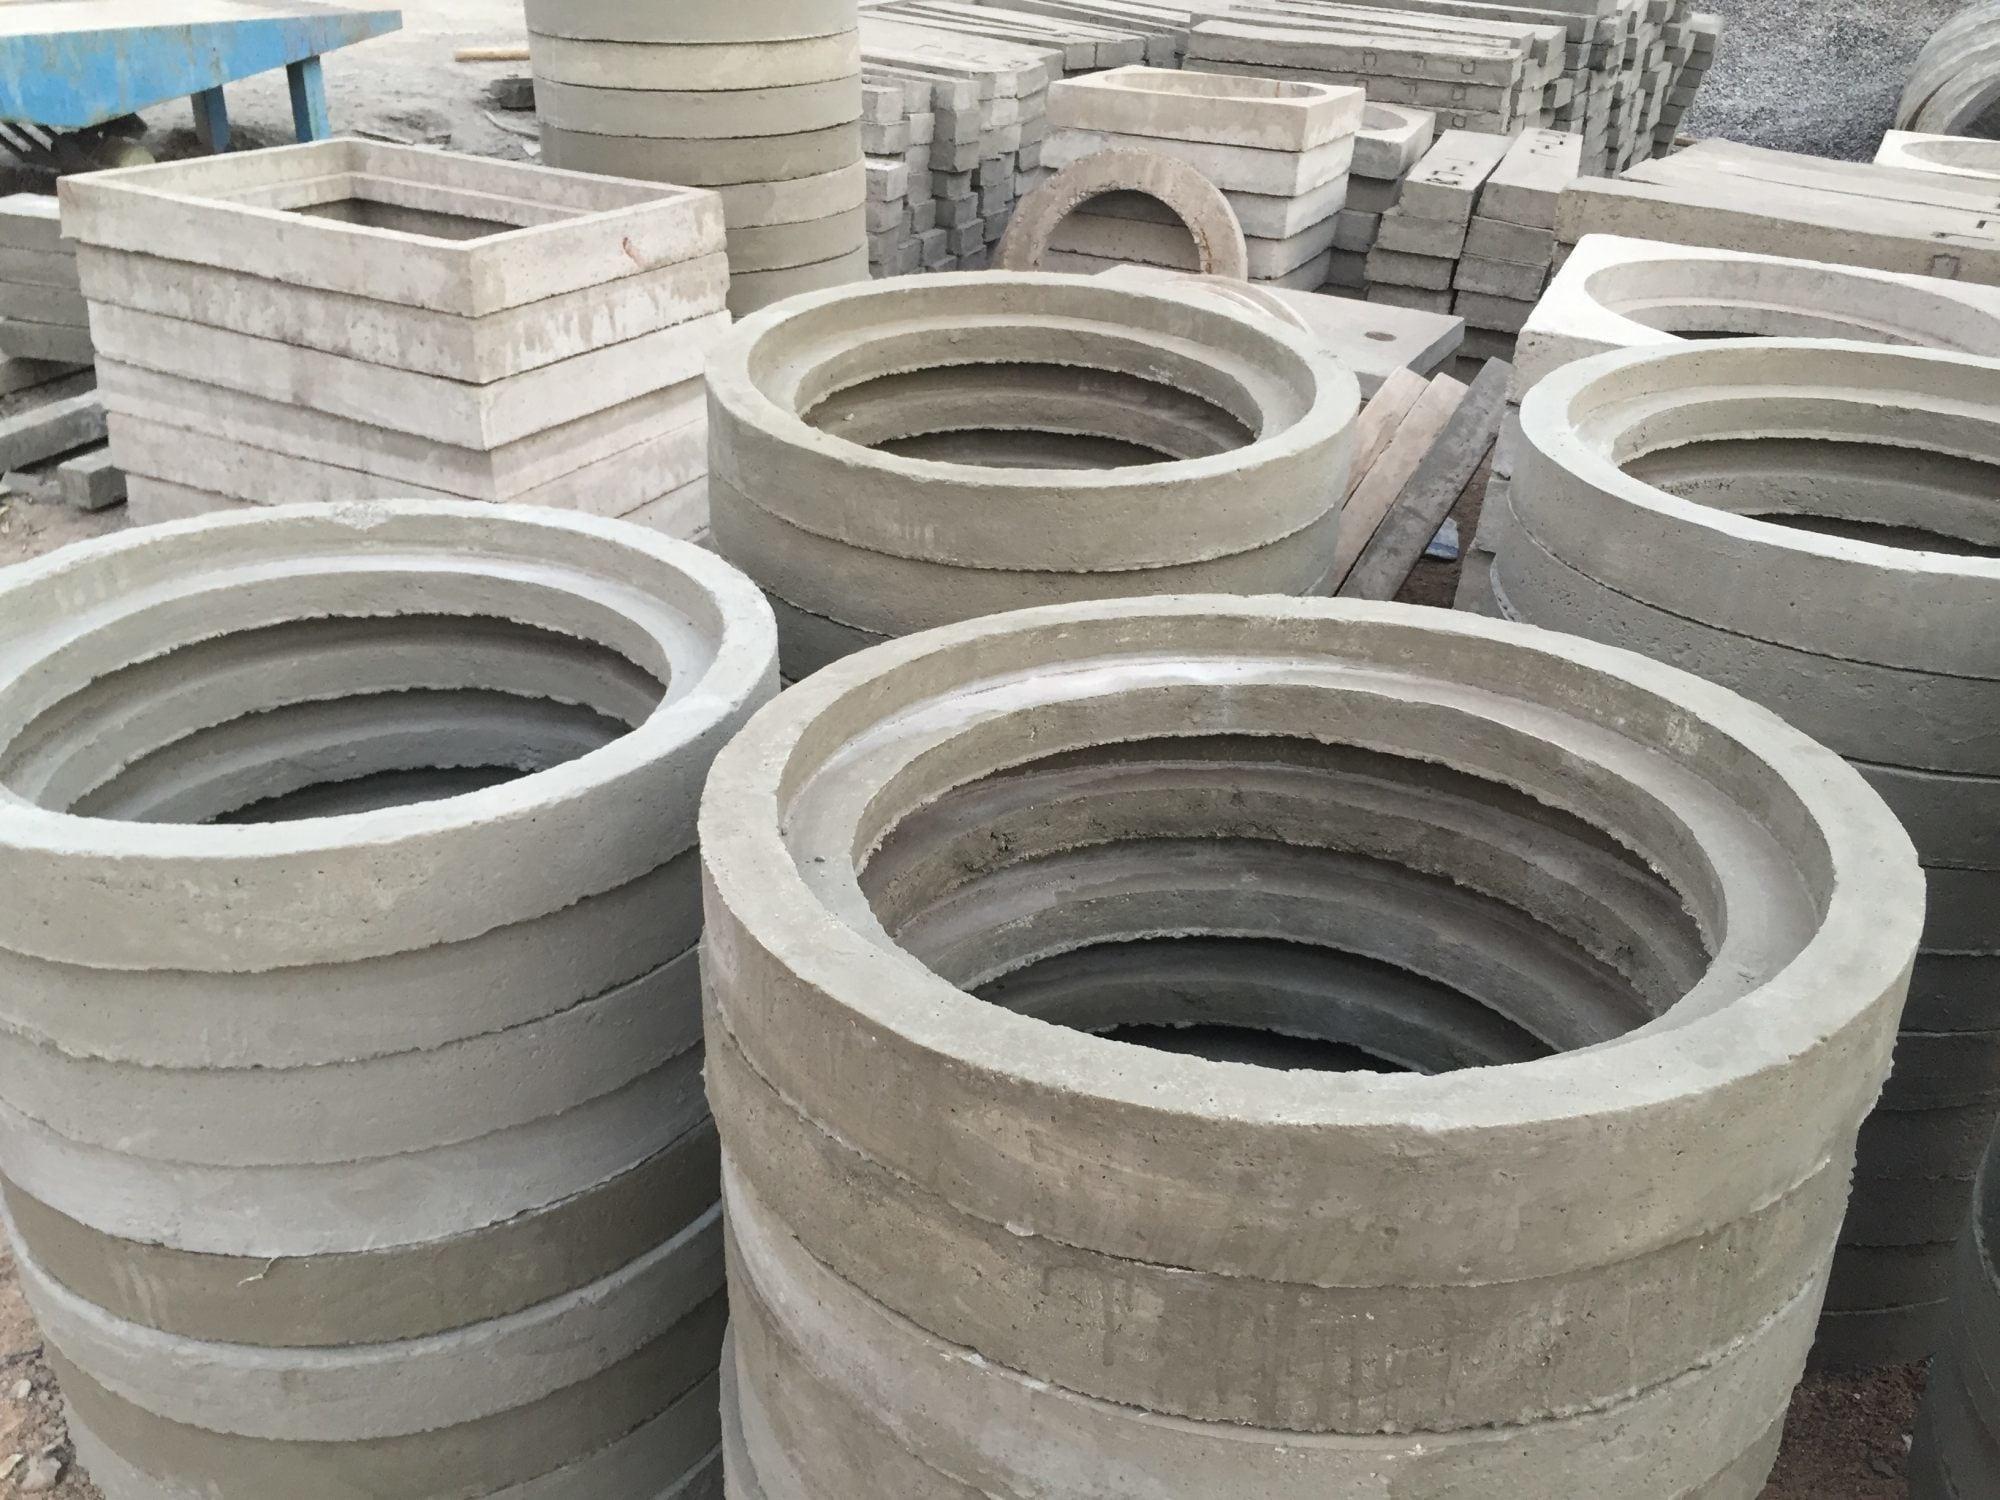 Top Precast Concrete Slab Manufacturers in Raipur-Chhattisgarh